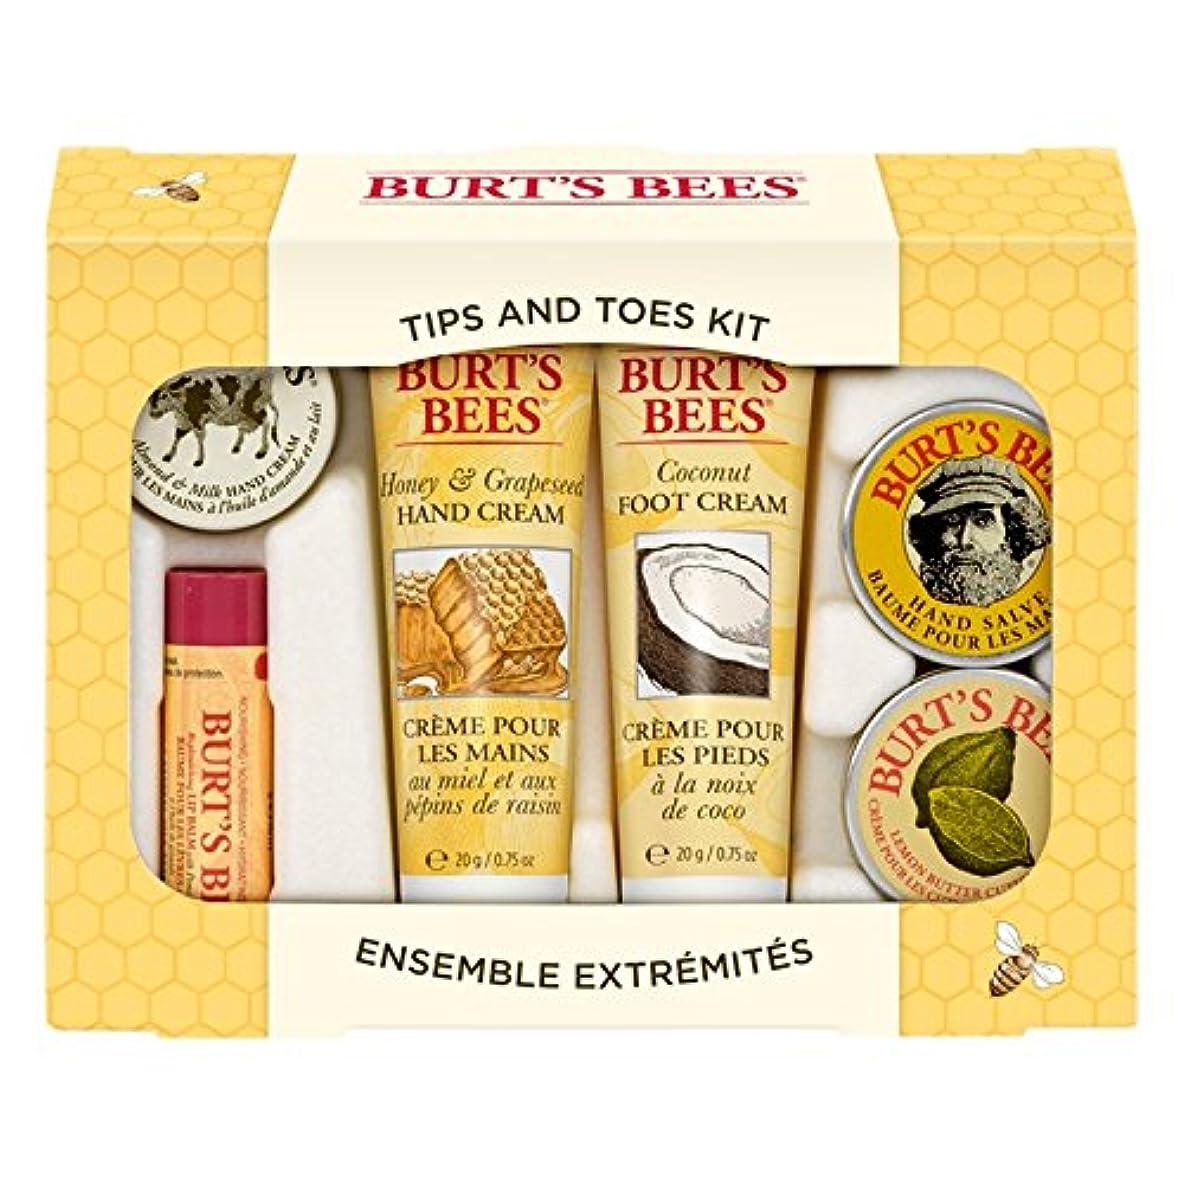 先生オペラ名前を作るバーツビーのヒントとつま先はスターターキットをスキンケア (Burt's Bees) (x2) - Burt's Bees Tips And Toes Skincare Starter Kit (Pack of 2) [...